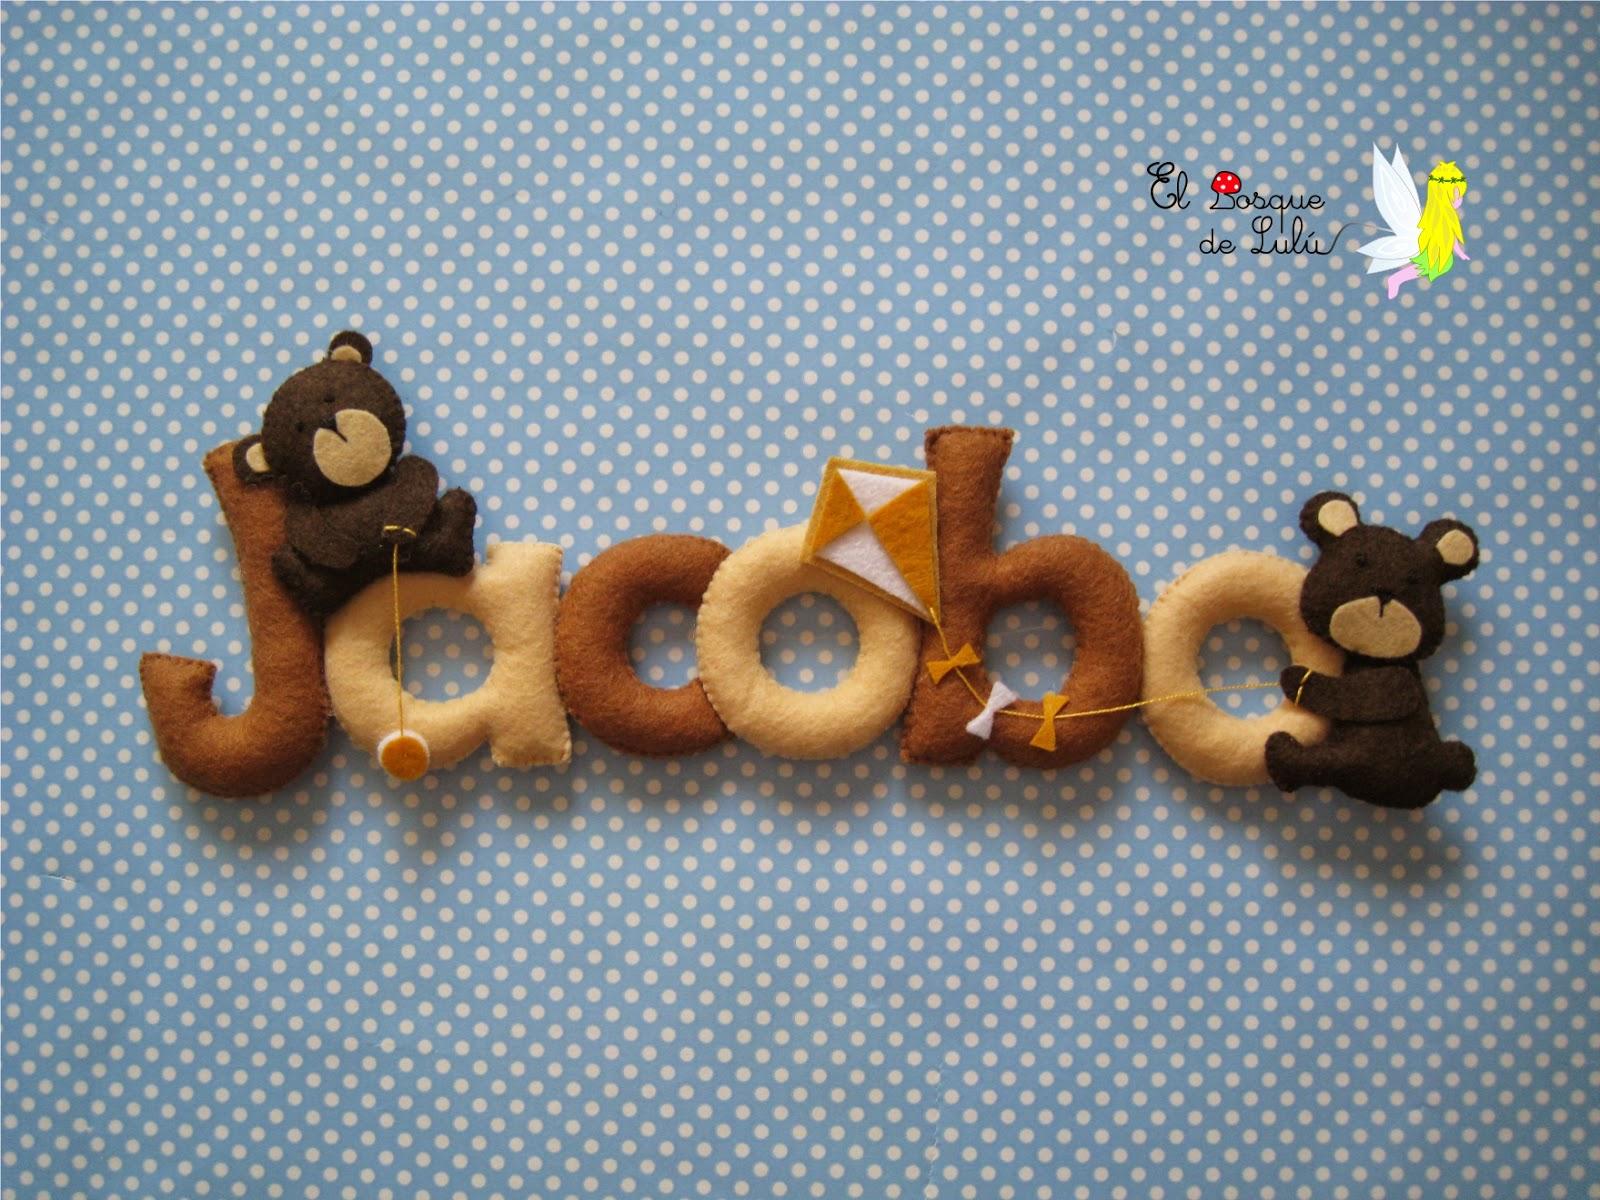 nombre-fieltro-decoración-infantil-Jacobo-detalle-nacimiento